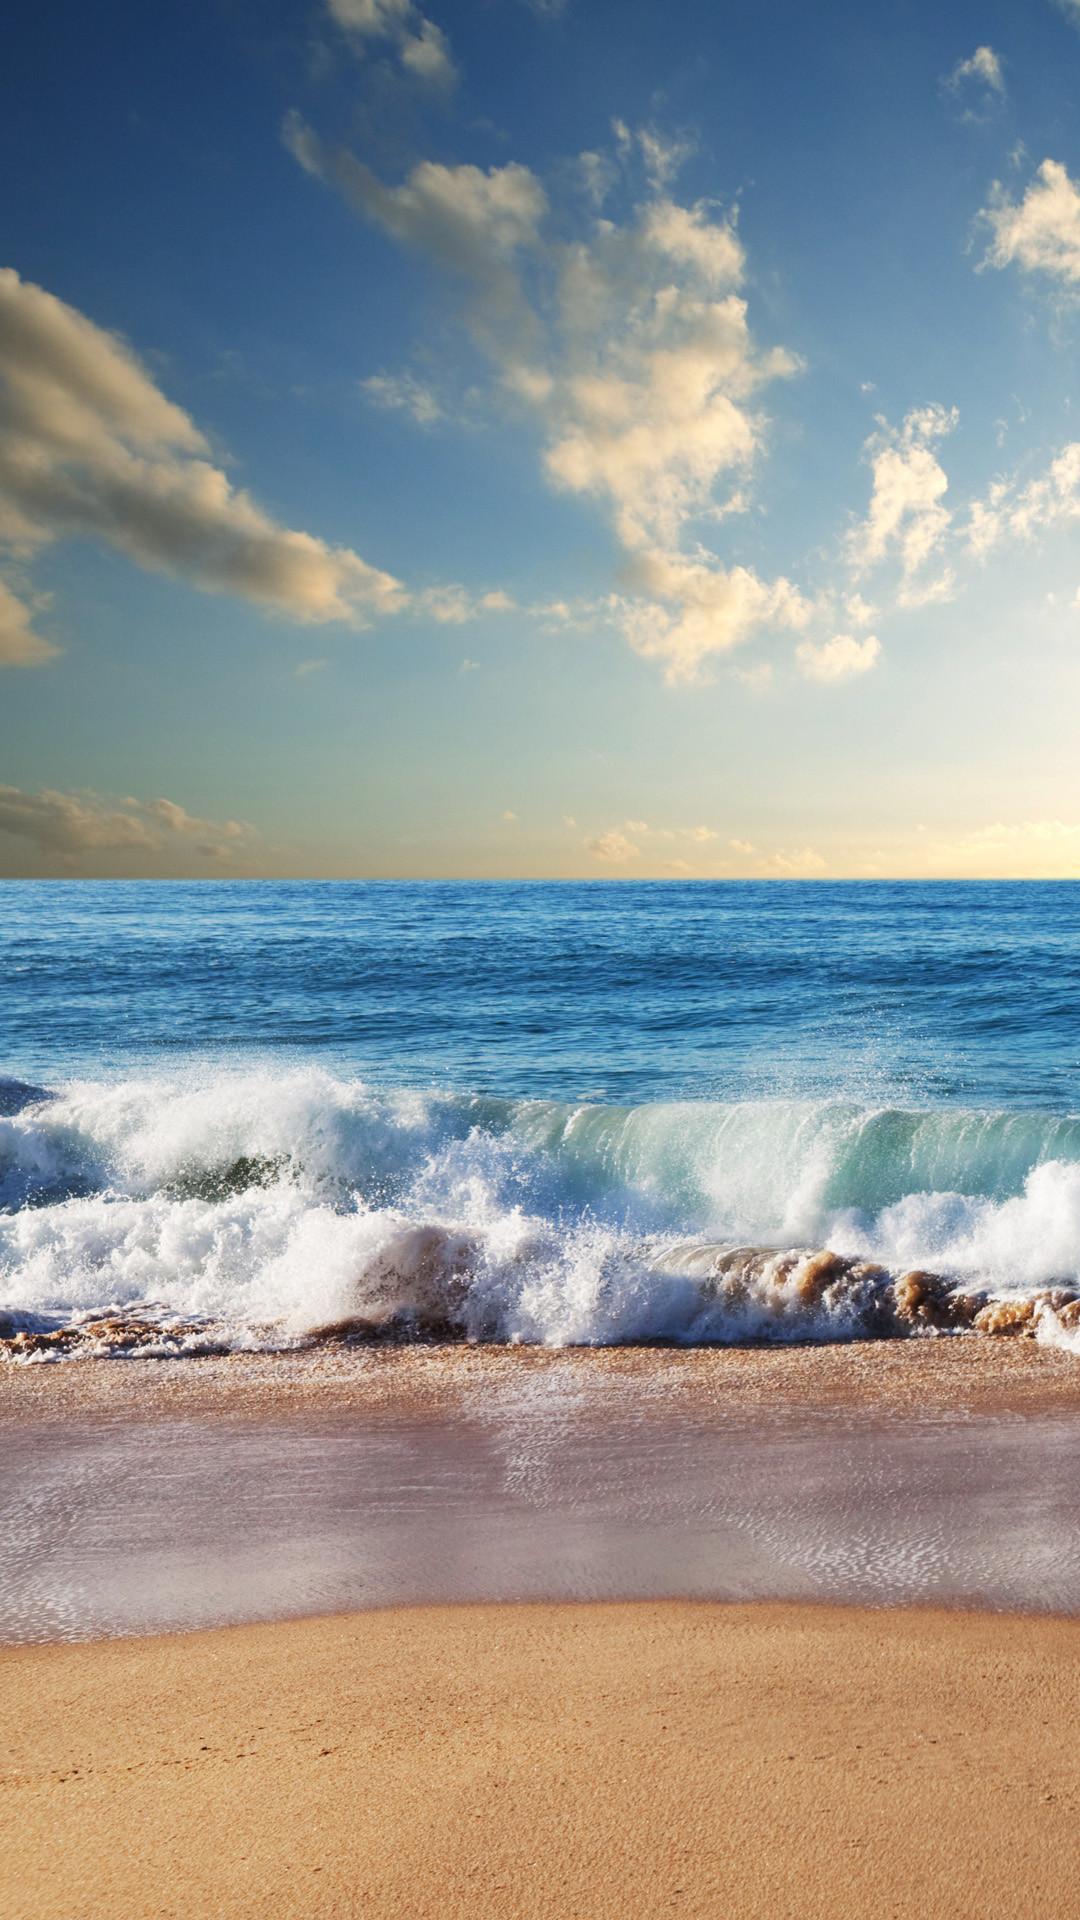 Beach waves iphone 6 plus wallpaper.jpg (1080×1920)